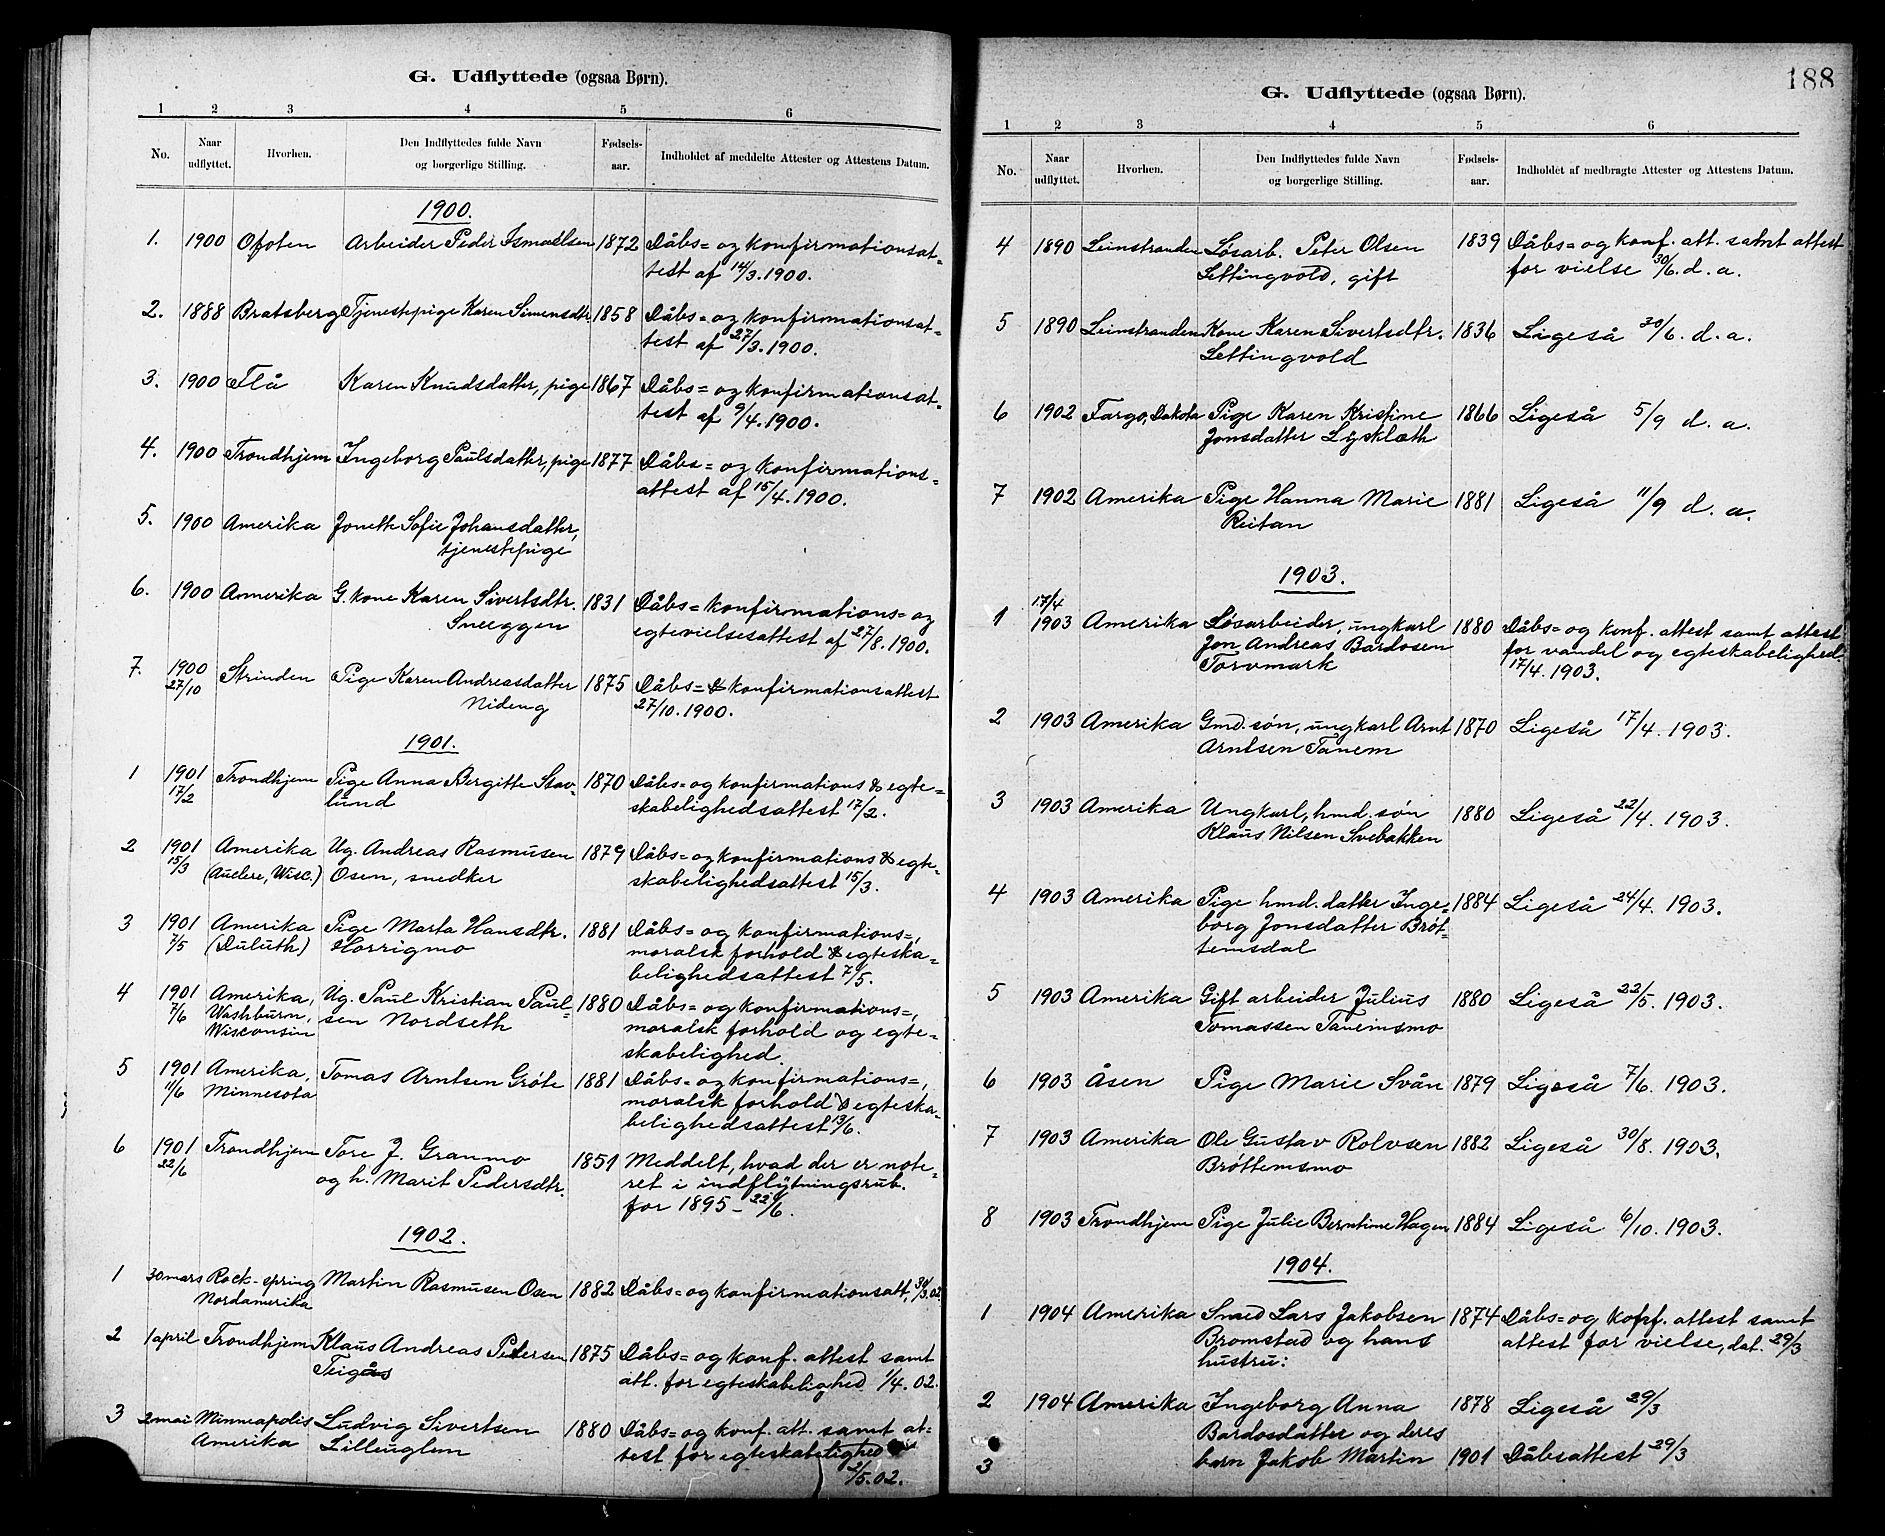 SAT, Ministerialprotokoller, klokkerbøker og fødselsregistre - Sør-Trøndelag, 618/L0452: Klokkerbok nr. 618C03, 1884-1906, s. 188